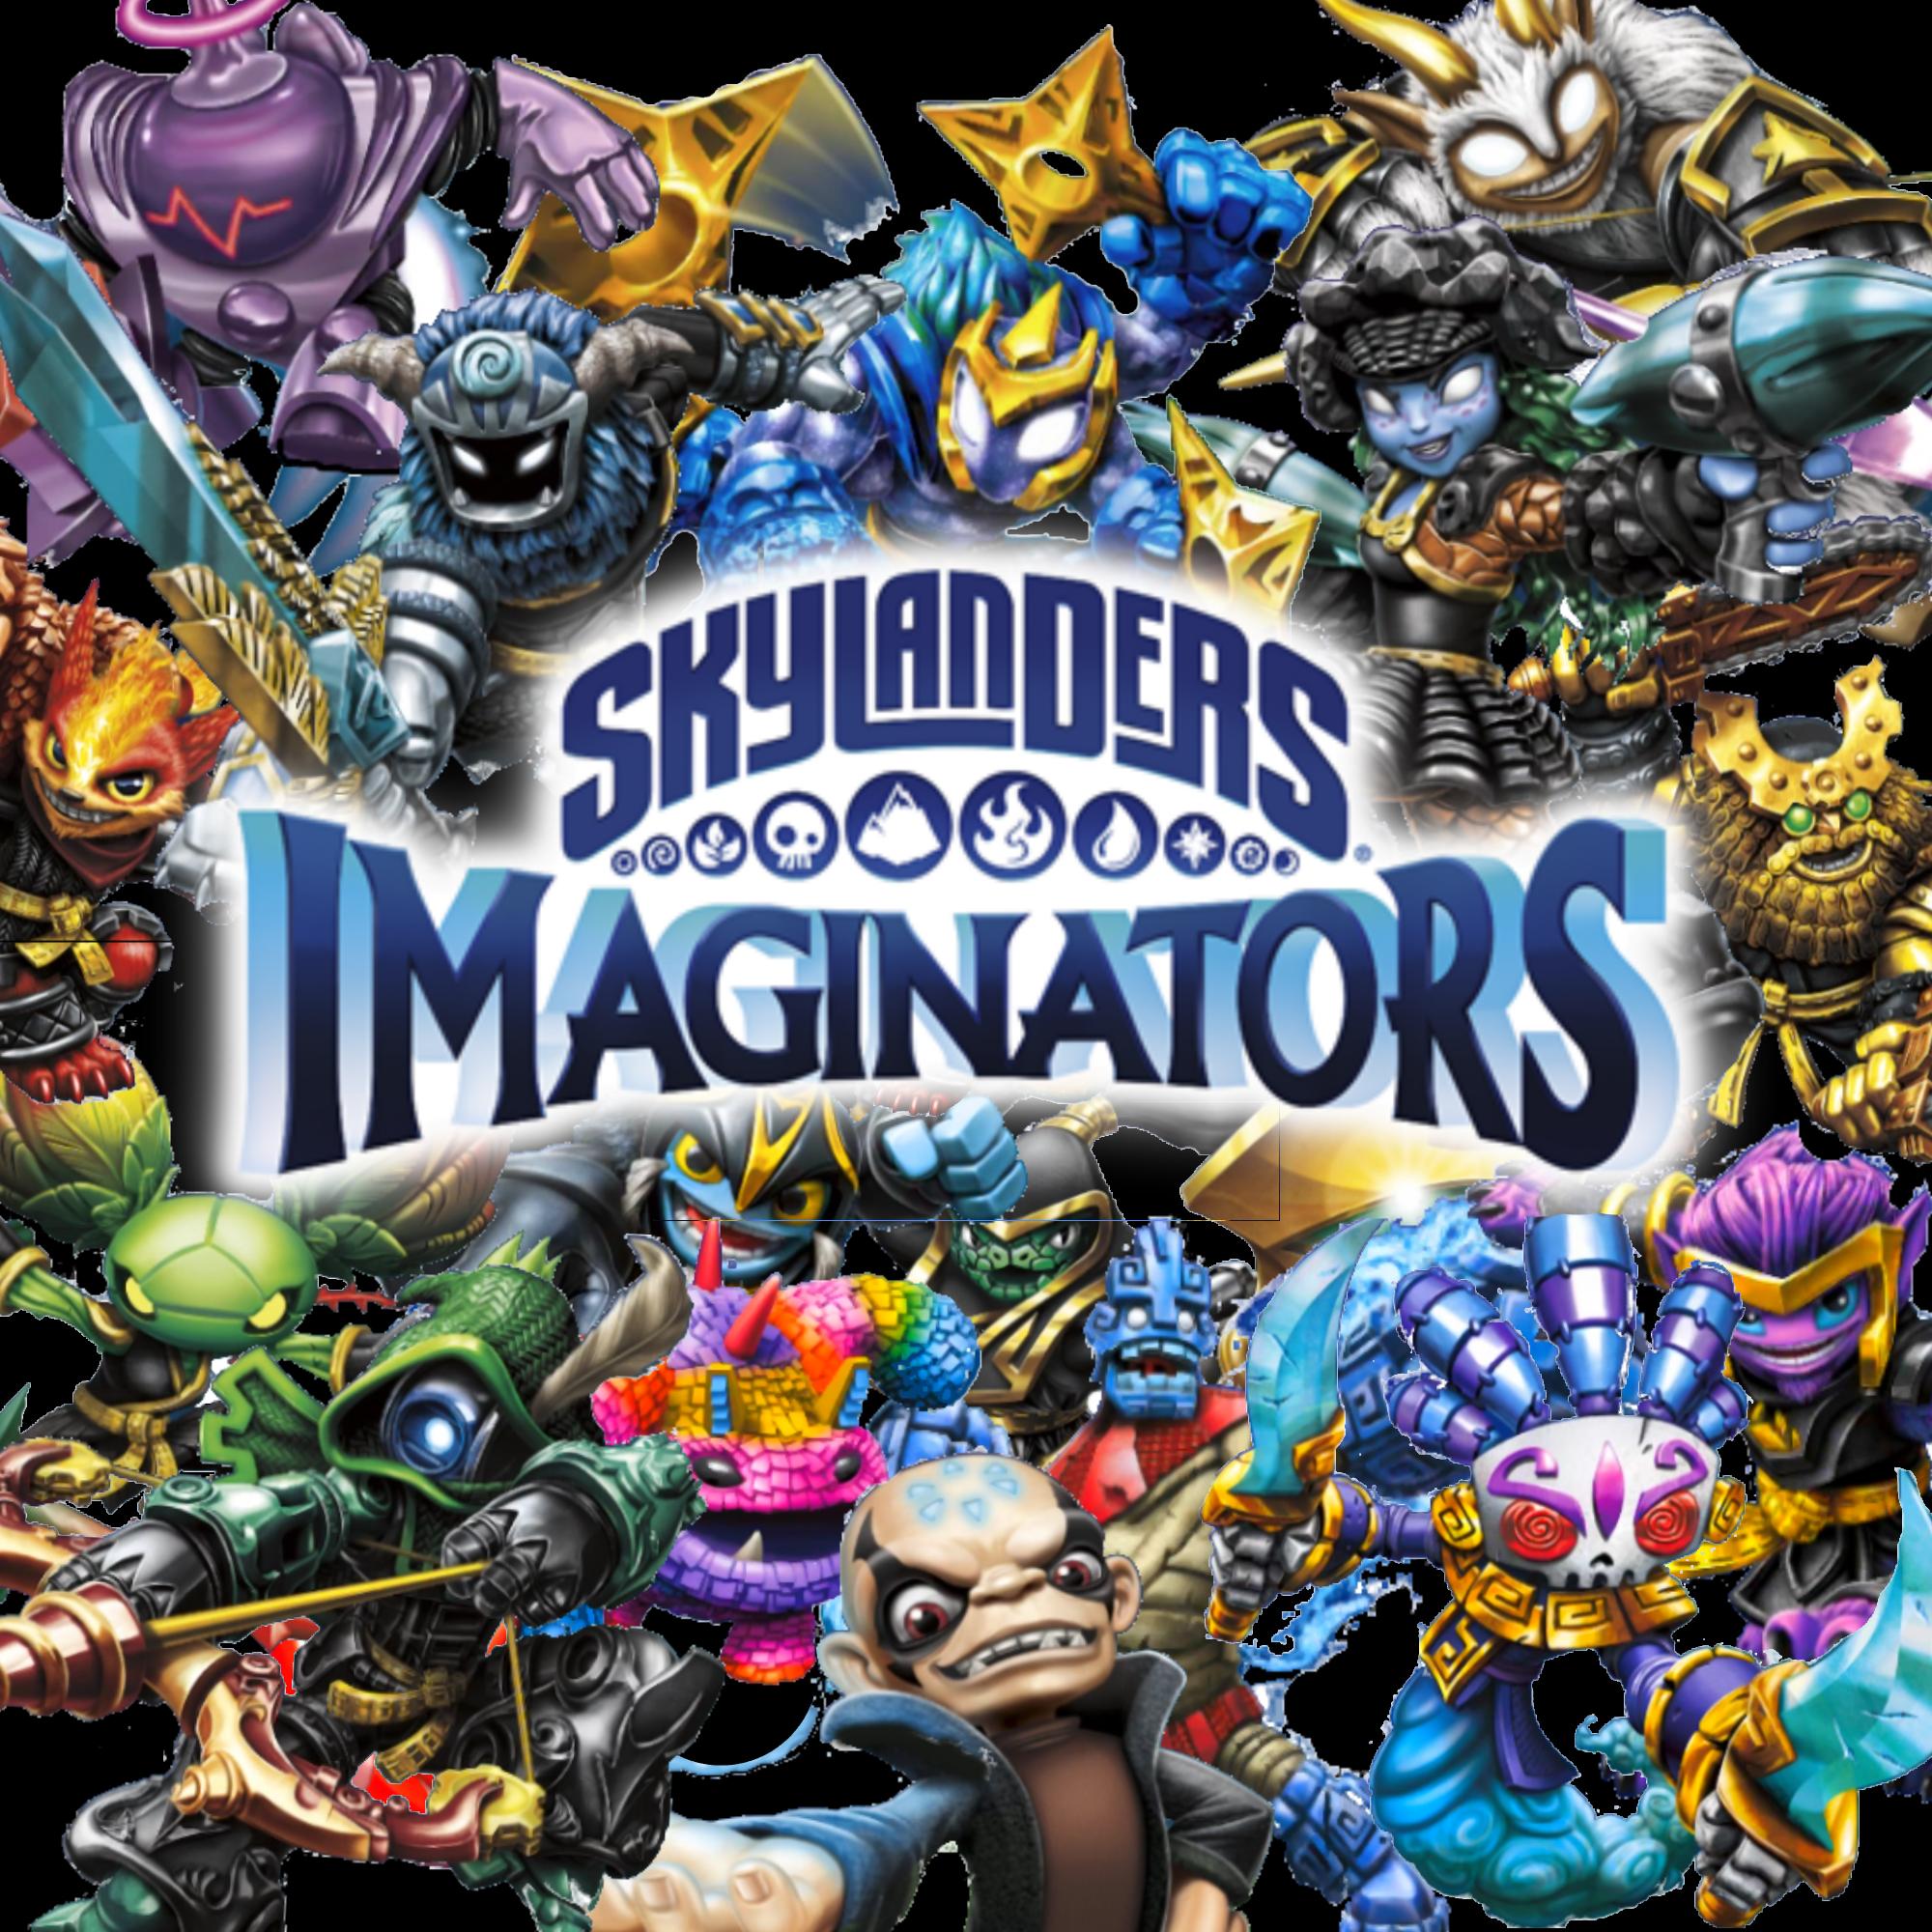 Image - Skylanders Imaginators Wallpaper.jpg | Skylanders ...